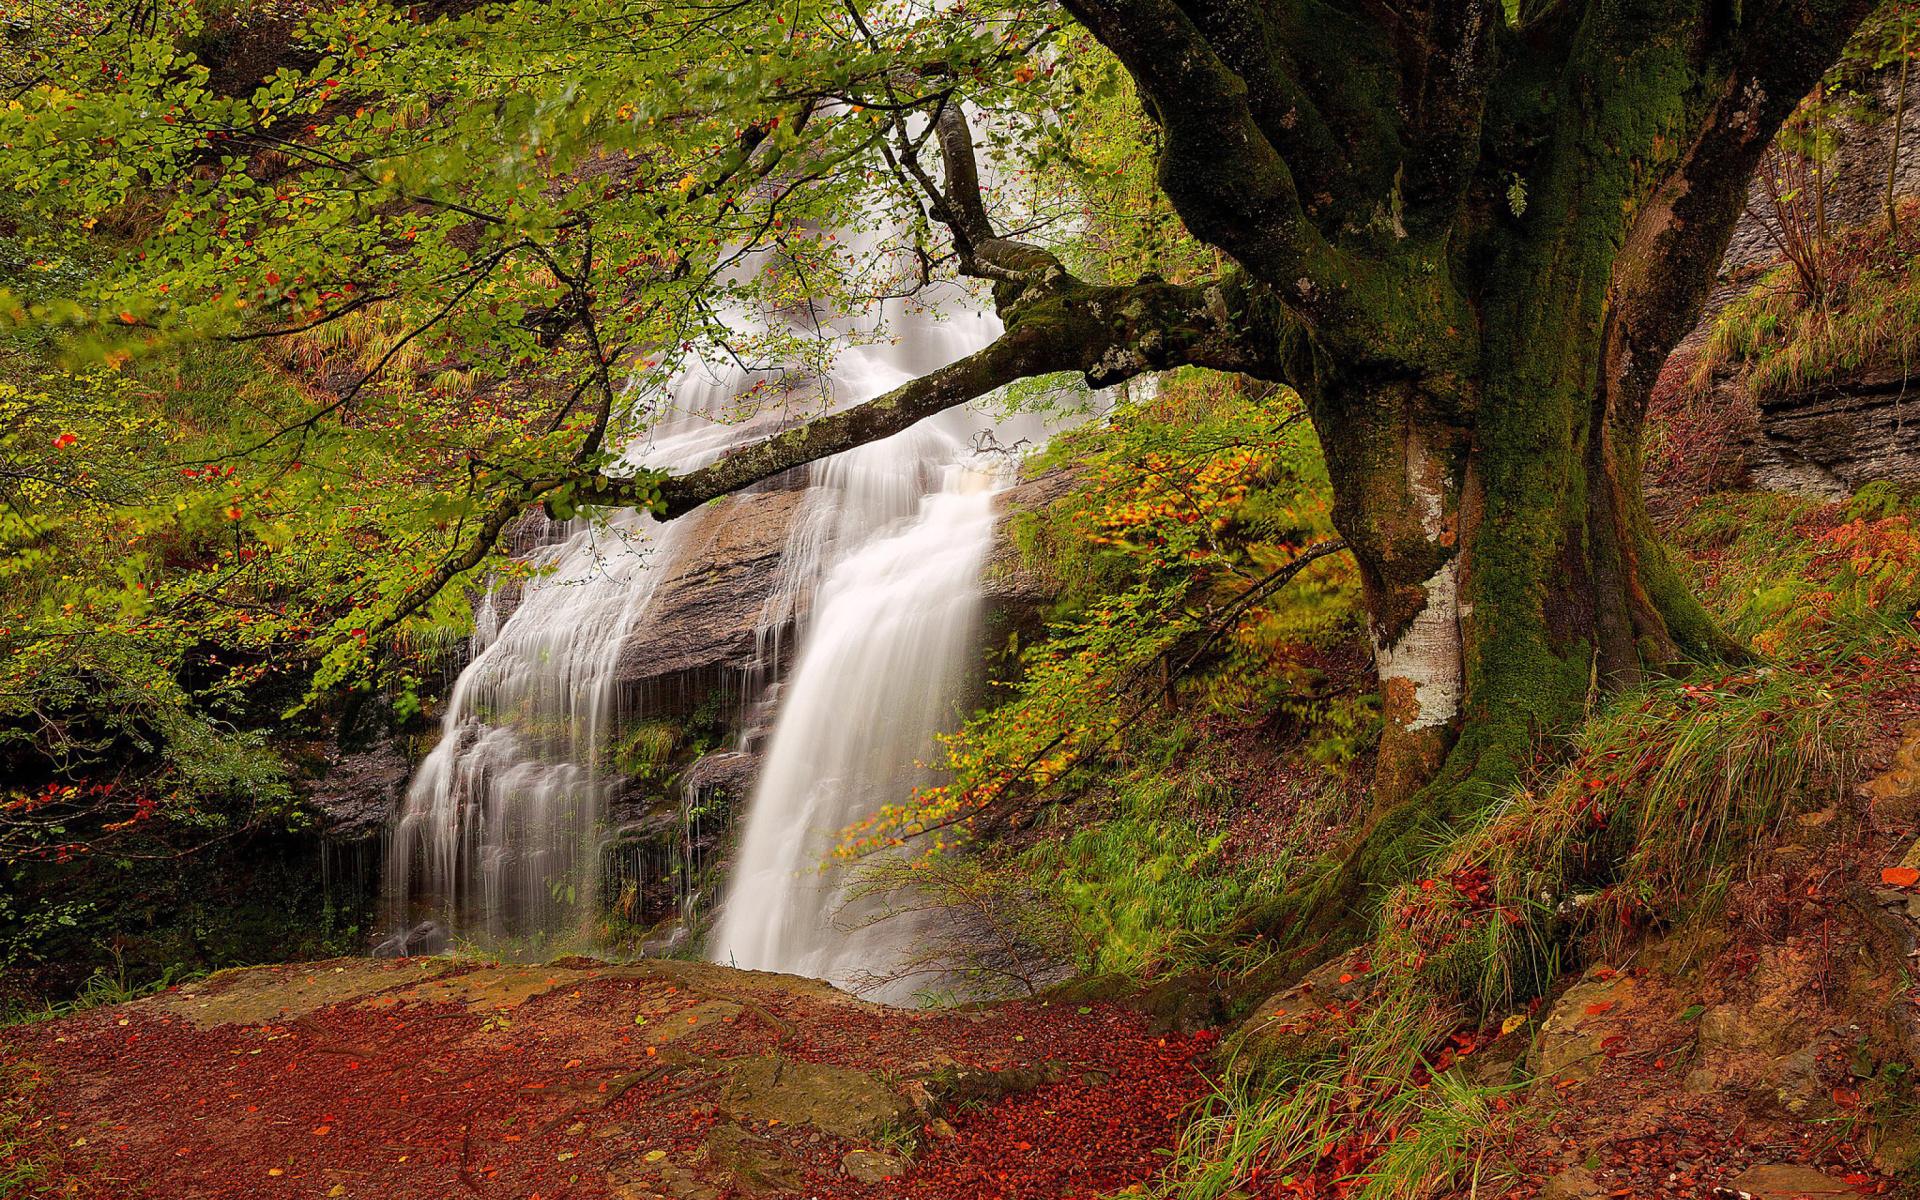 природа водопад деревья листья вода река загрузить